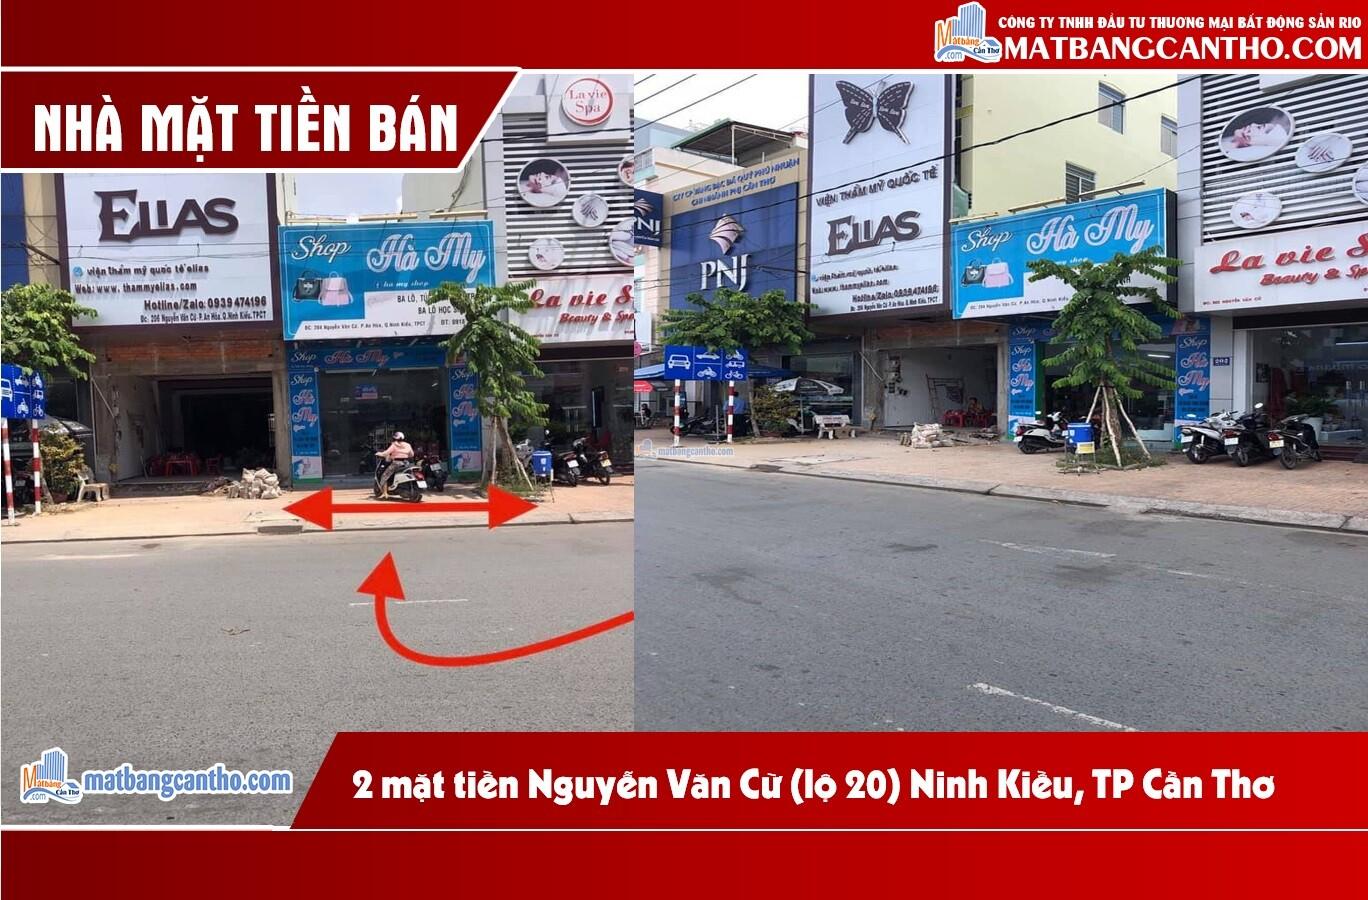 Bán nhà 2 mặt tiền Nguyễn Văn Cừ (lộ 20), P. An Hoà, Q Ninh Kiều, TP Cần Thơ.